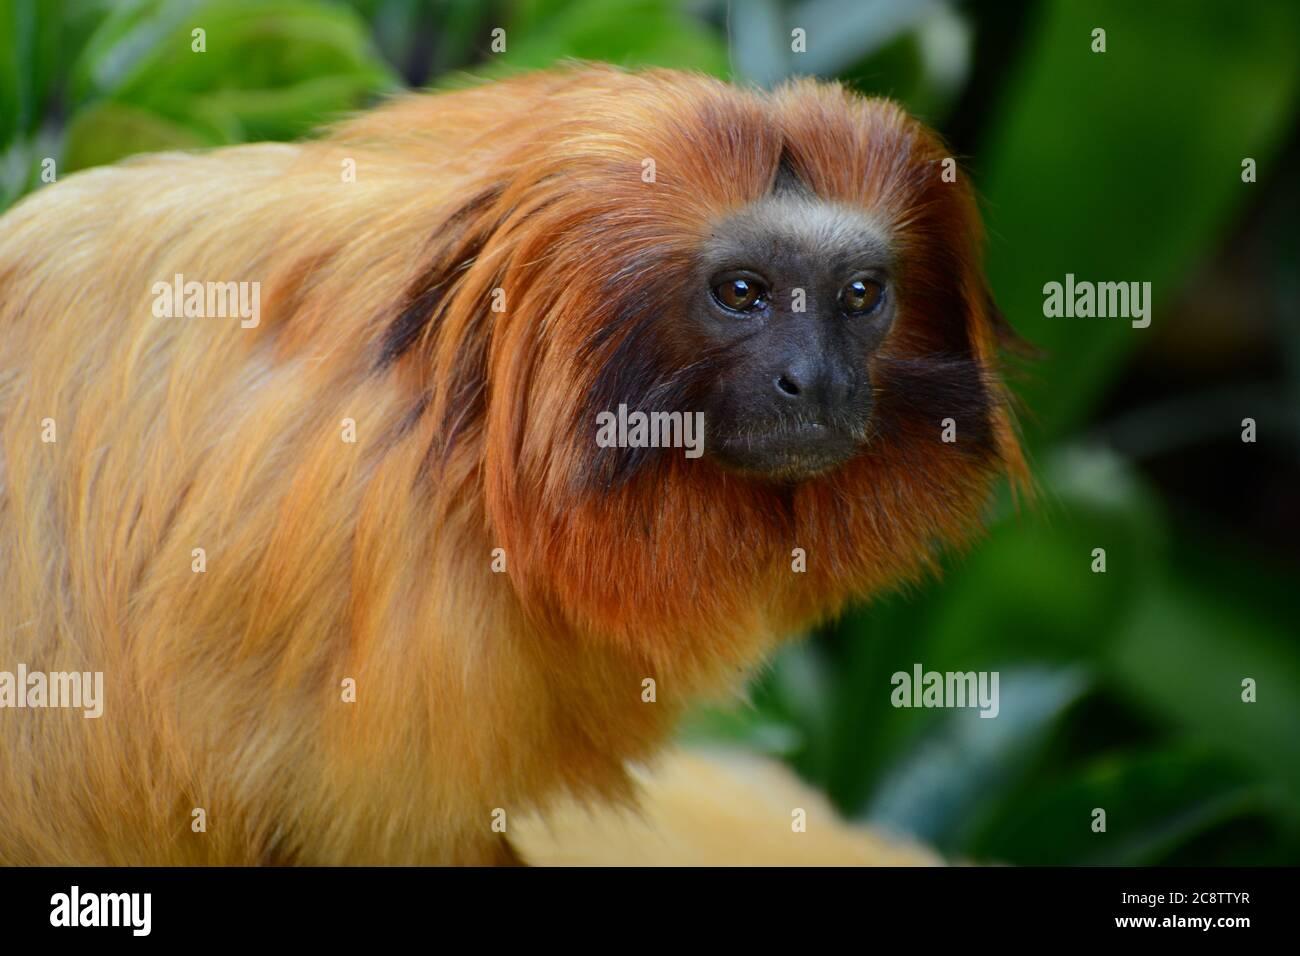 Retrato de un león dorado Tamarin (Leontopithecus rosalia). Uno de los animales más amenazados del mundo debido a su caza por cazadores furtivos Foto de stock